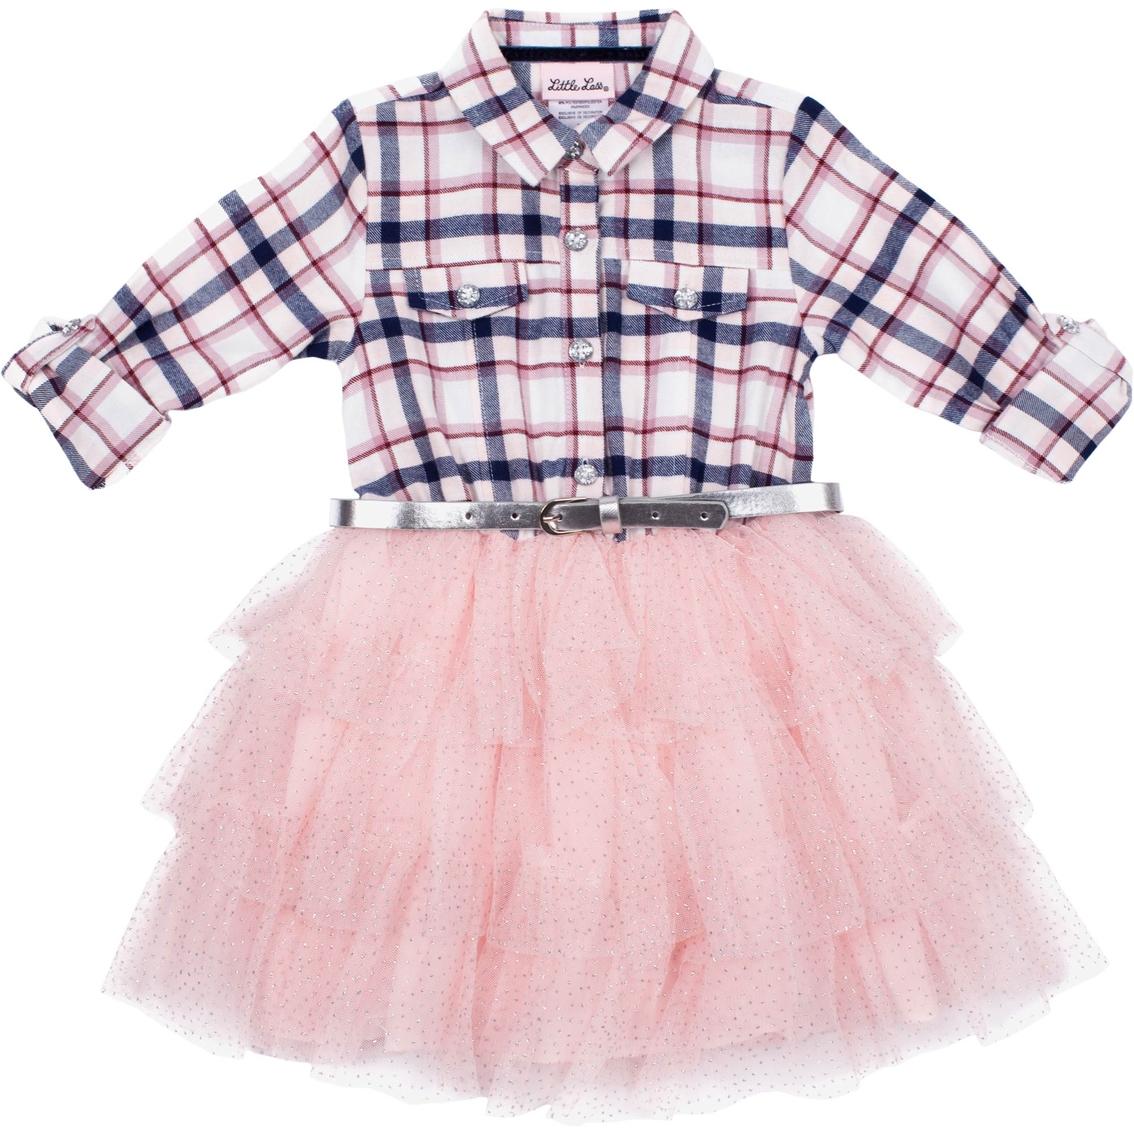 4e19db78c0624 Little Lass Toddler Girls Lurex Flannel Dress | Toddler Girls 2t-4t ...